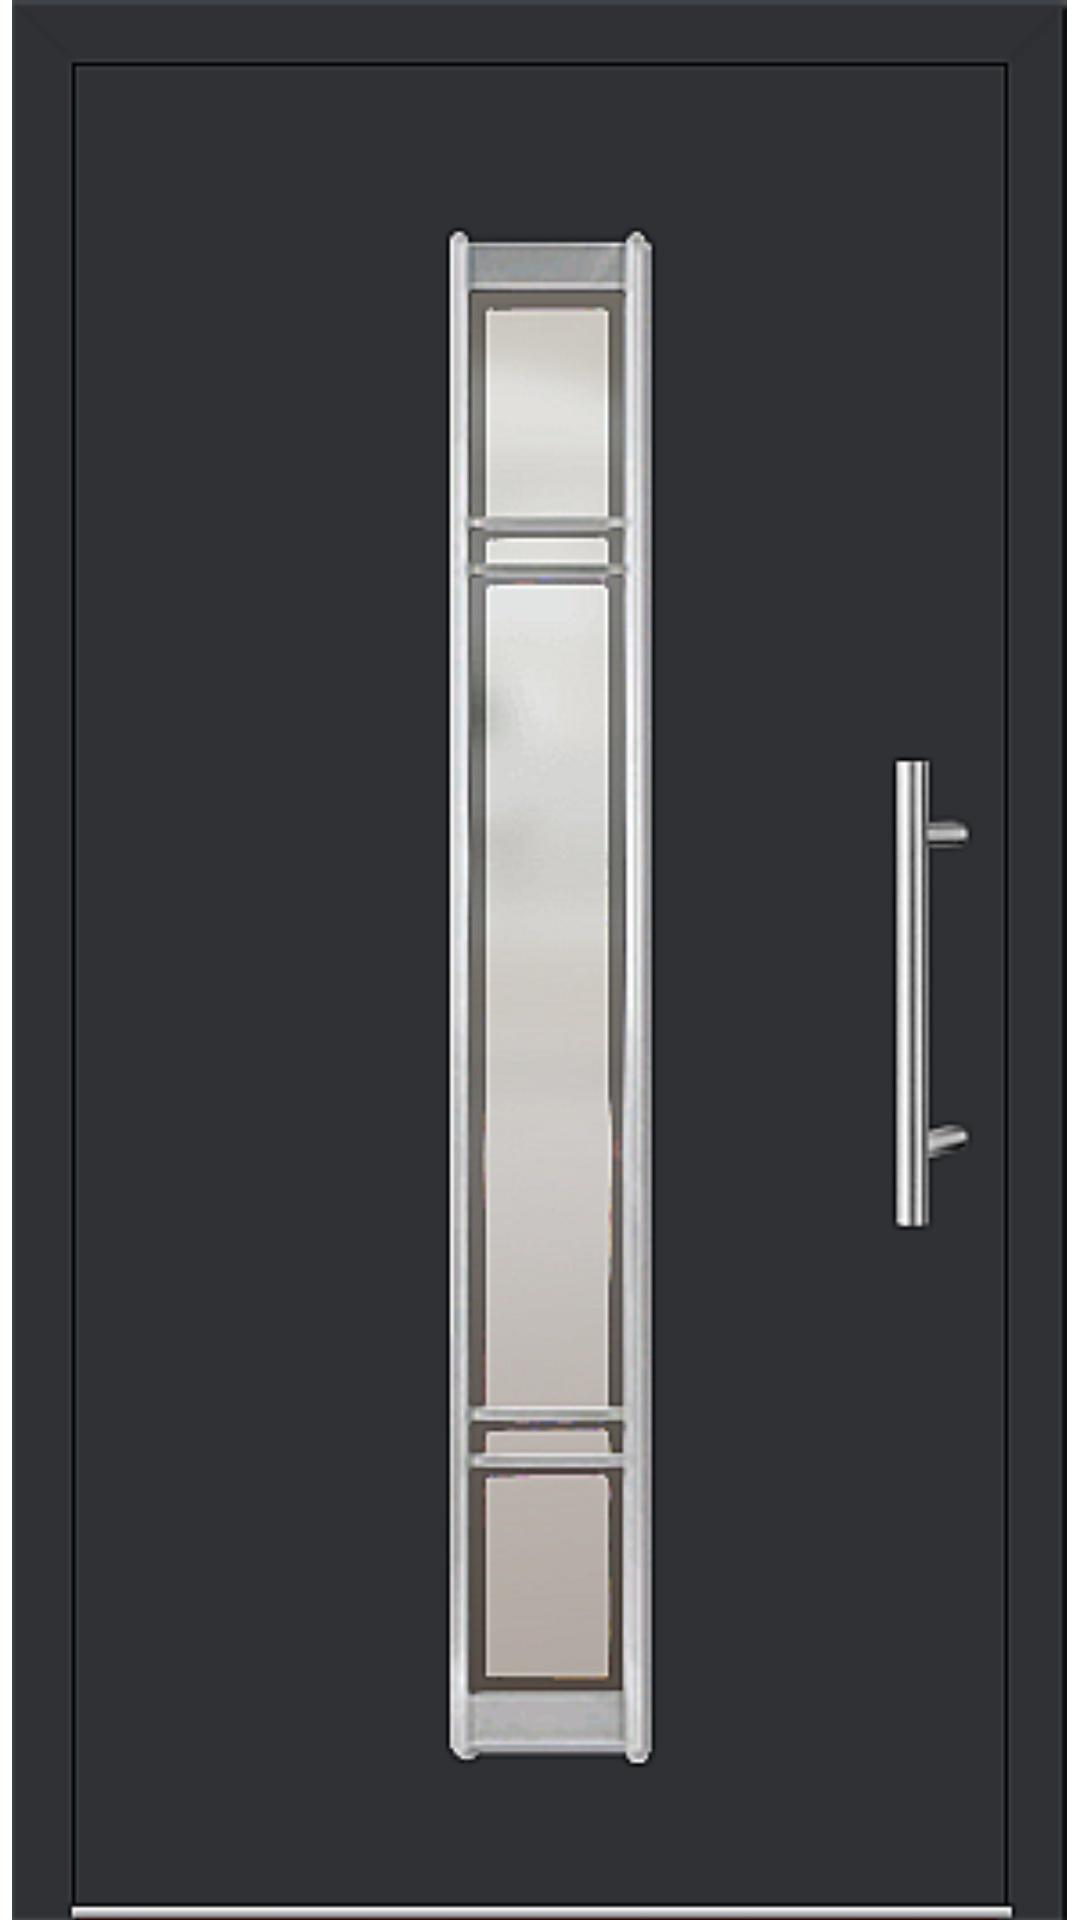 Kunststoff Haustür Modell 6977-79 schwarz